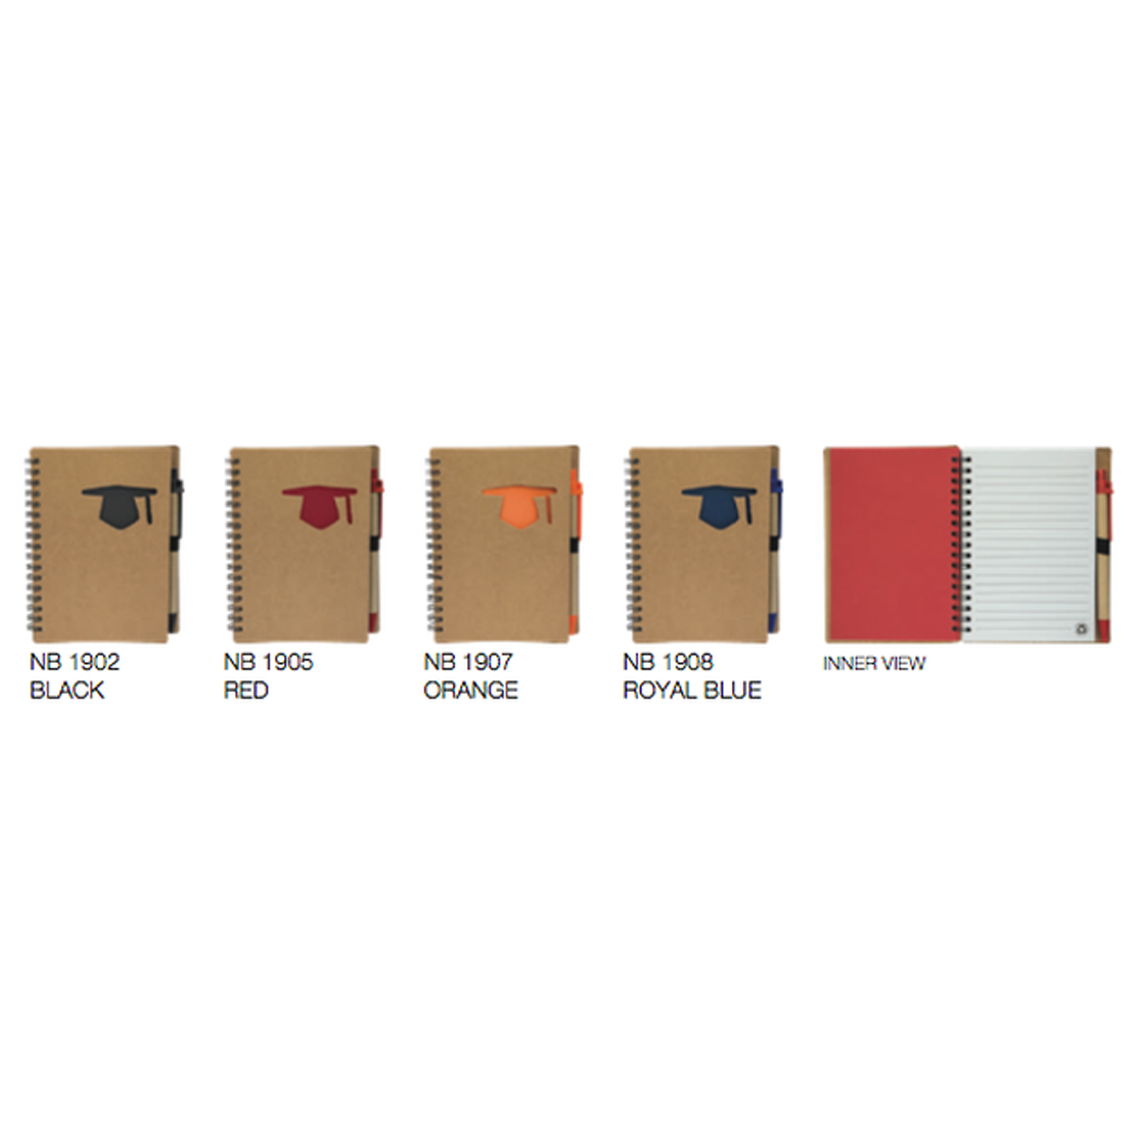 NB19 (70 sheets) OPP Bag 4